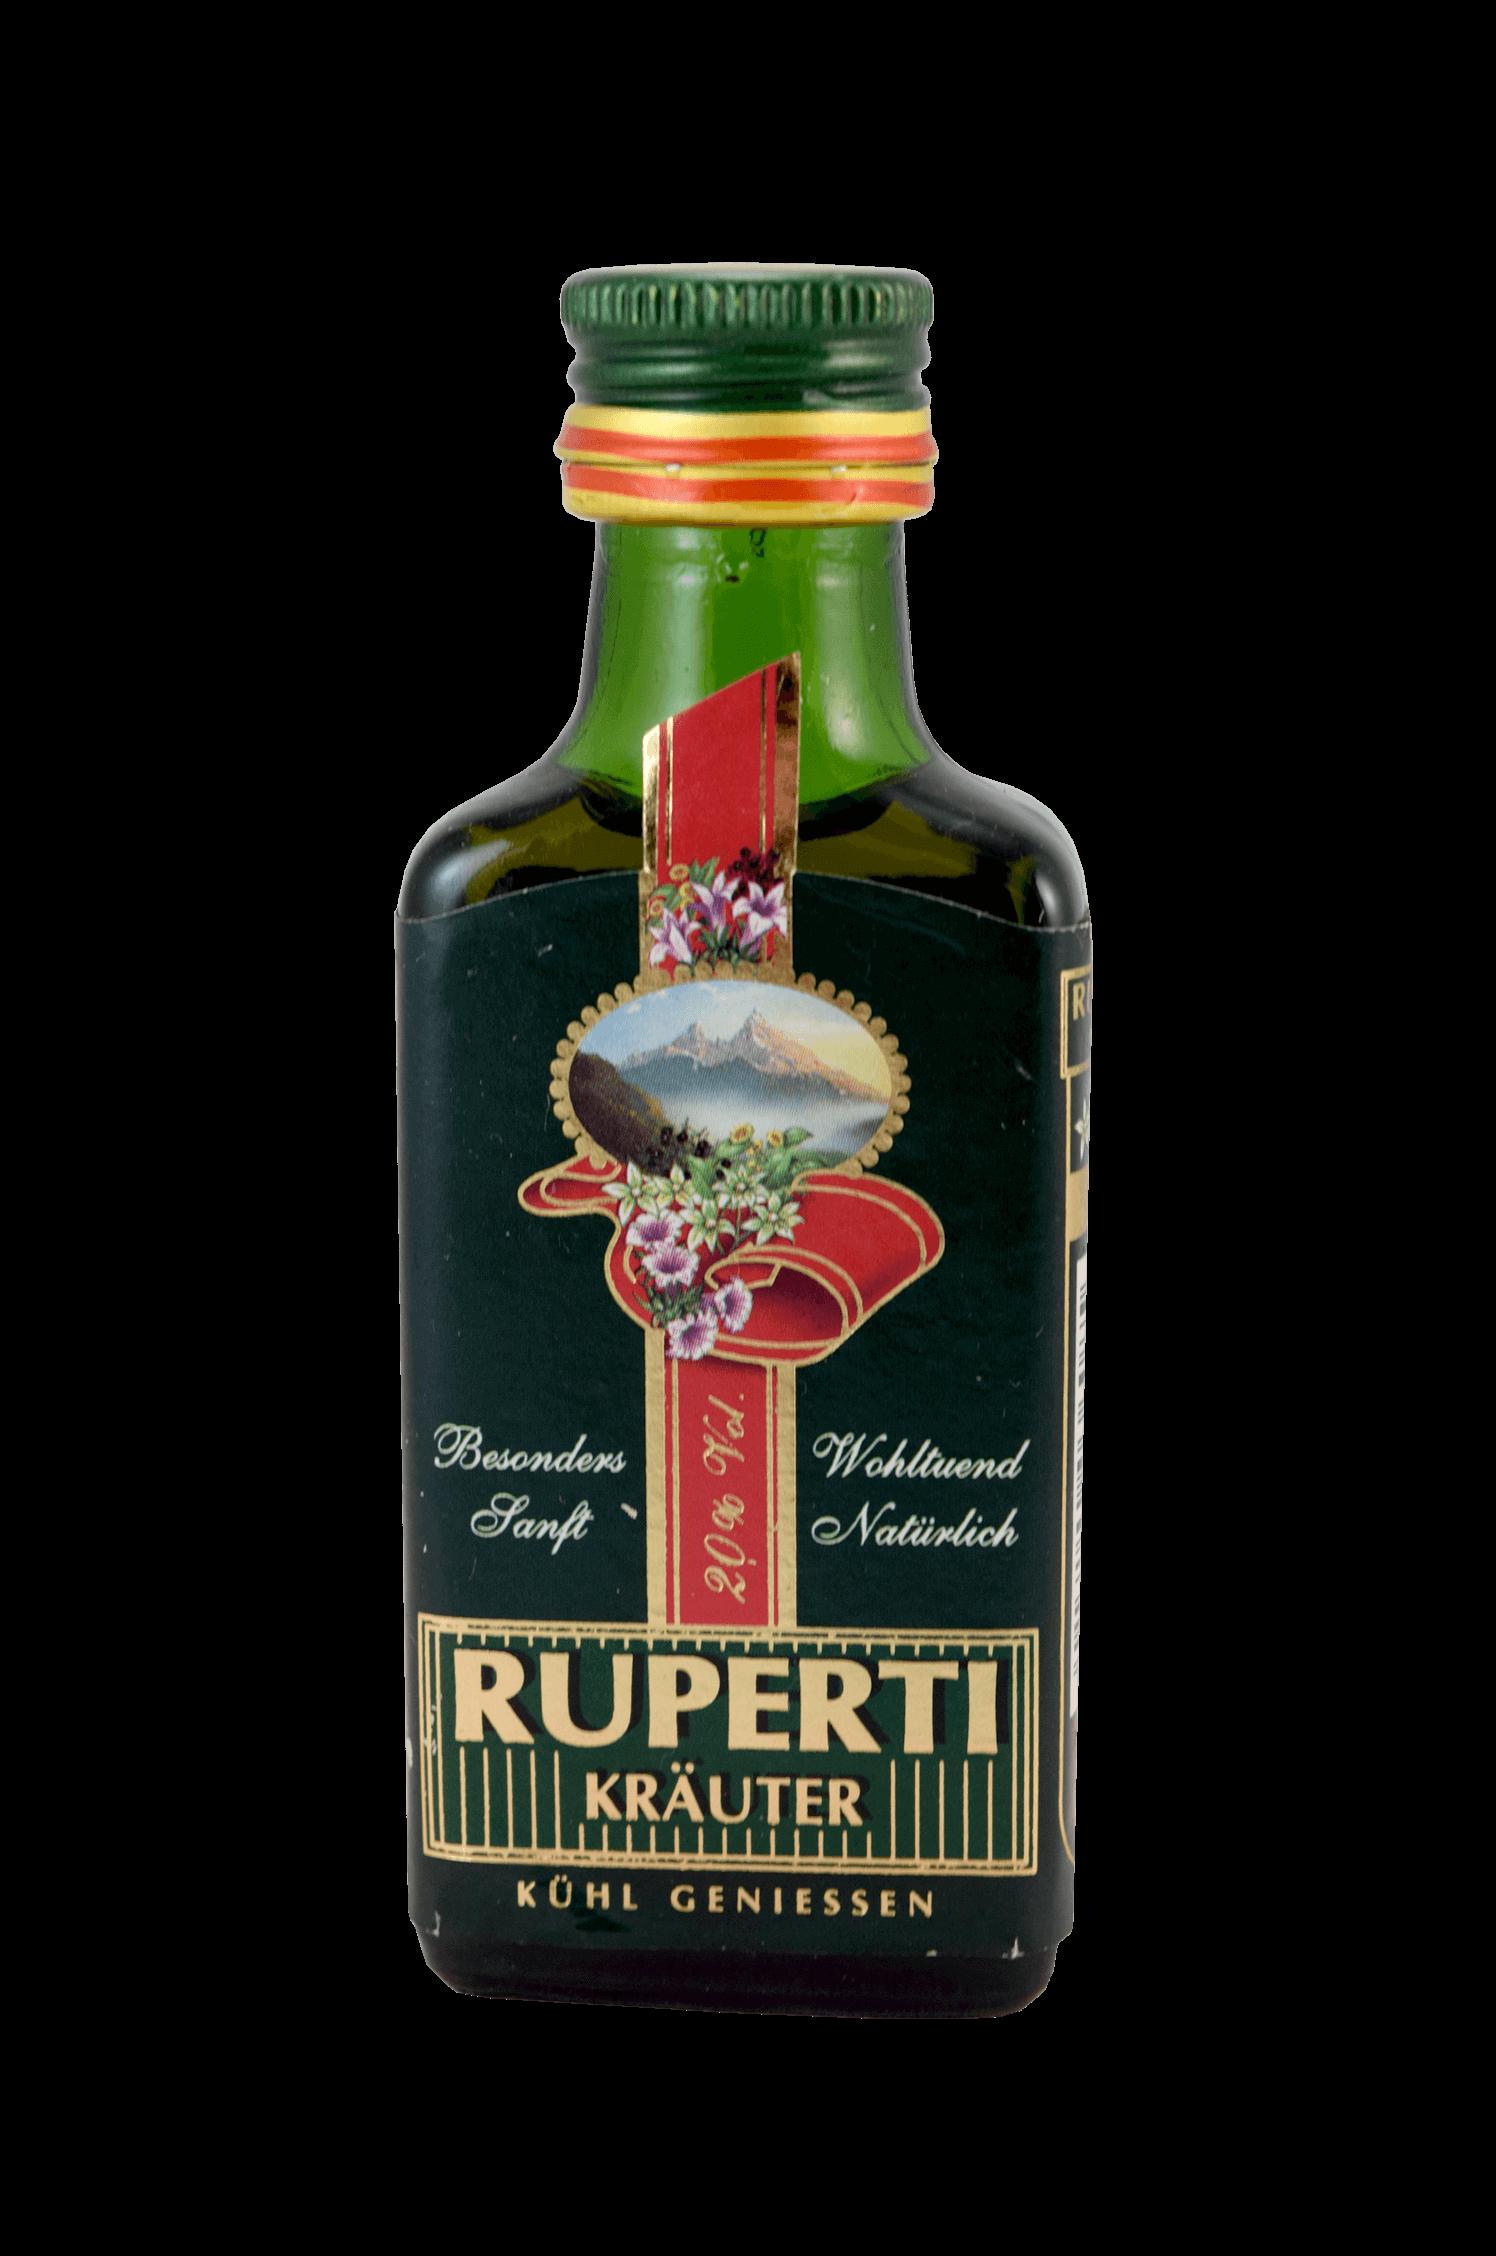 Ruperti Kräuter